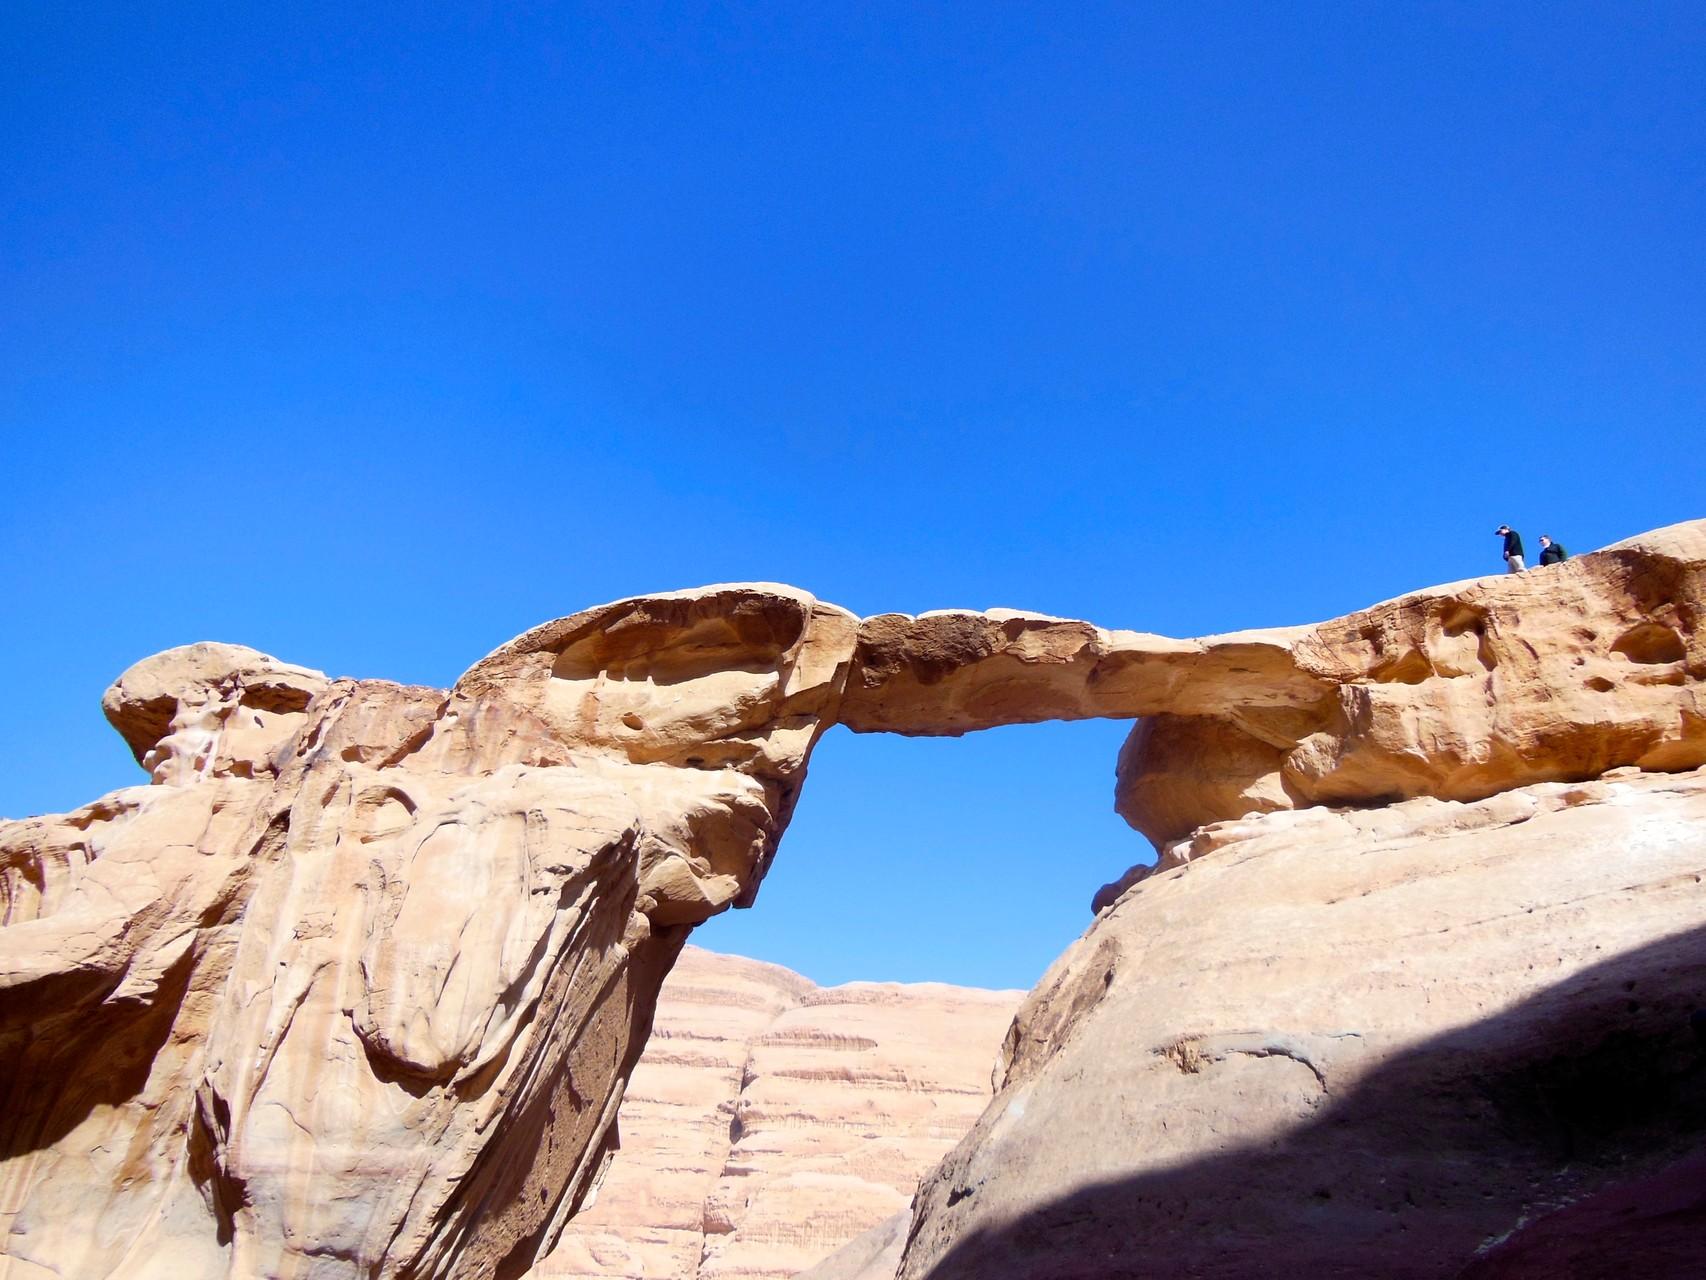 ワッデイラム 月の砂漠でキャンプ